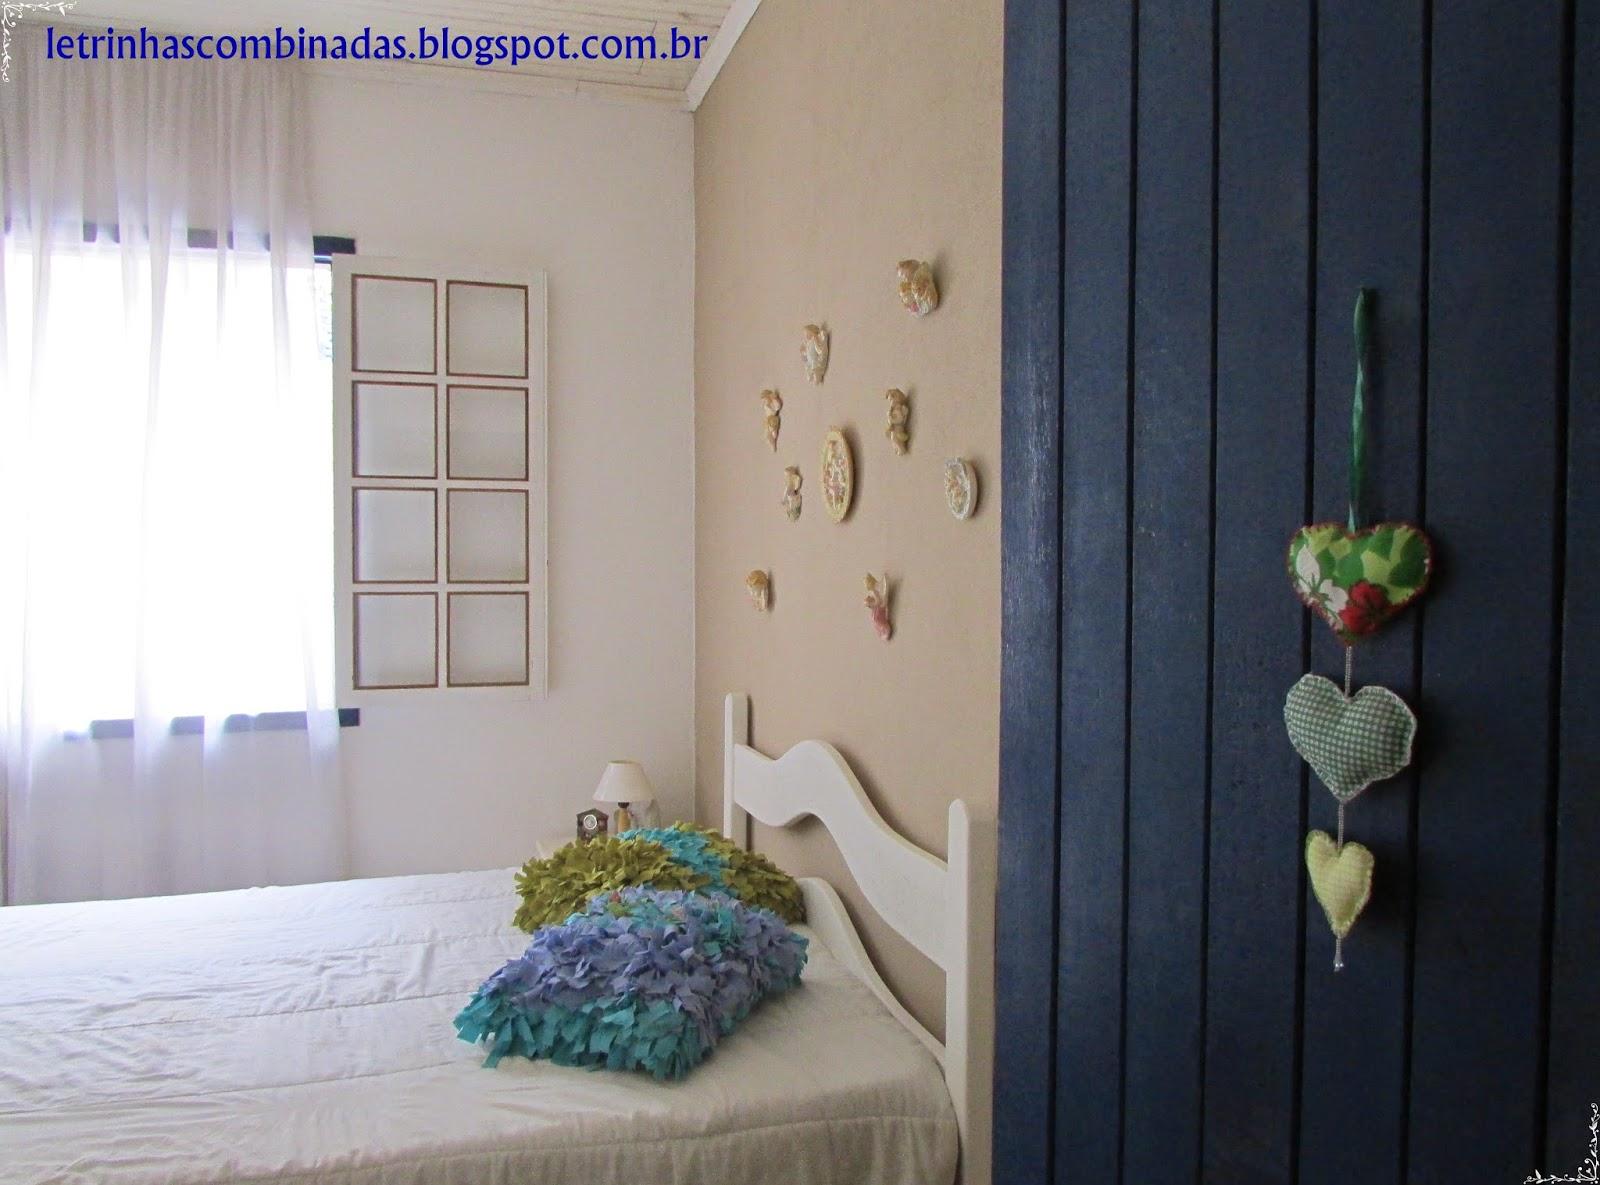 quarto com almofadas e pintura artesanal